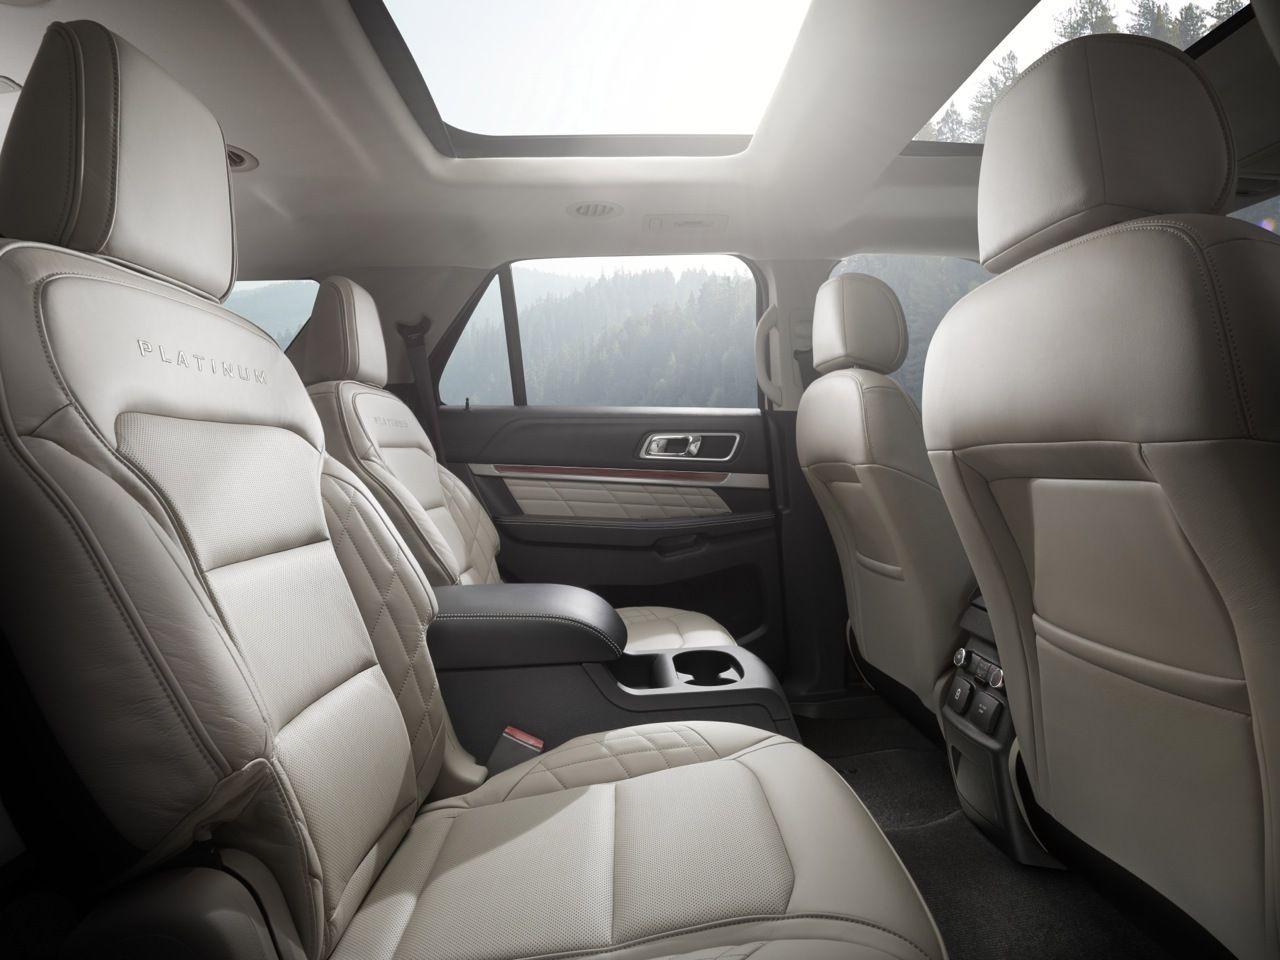 2016 Ford Explorer Interior Rear